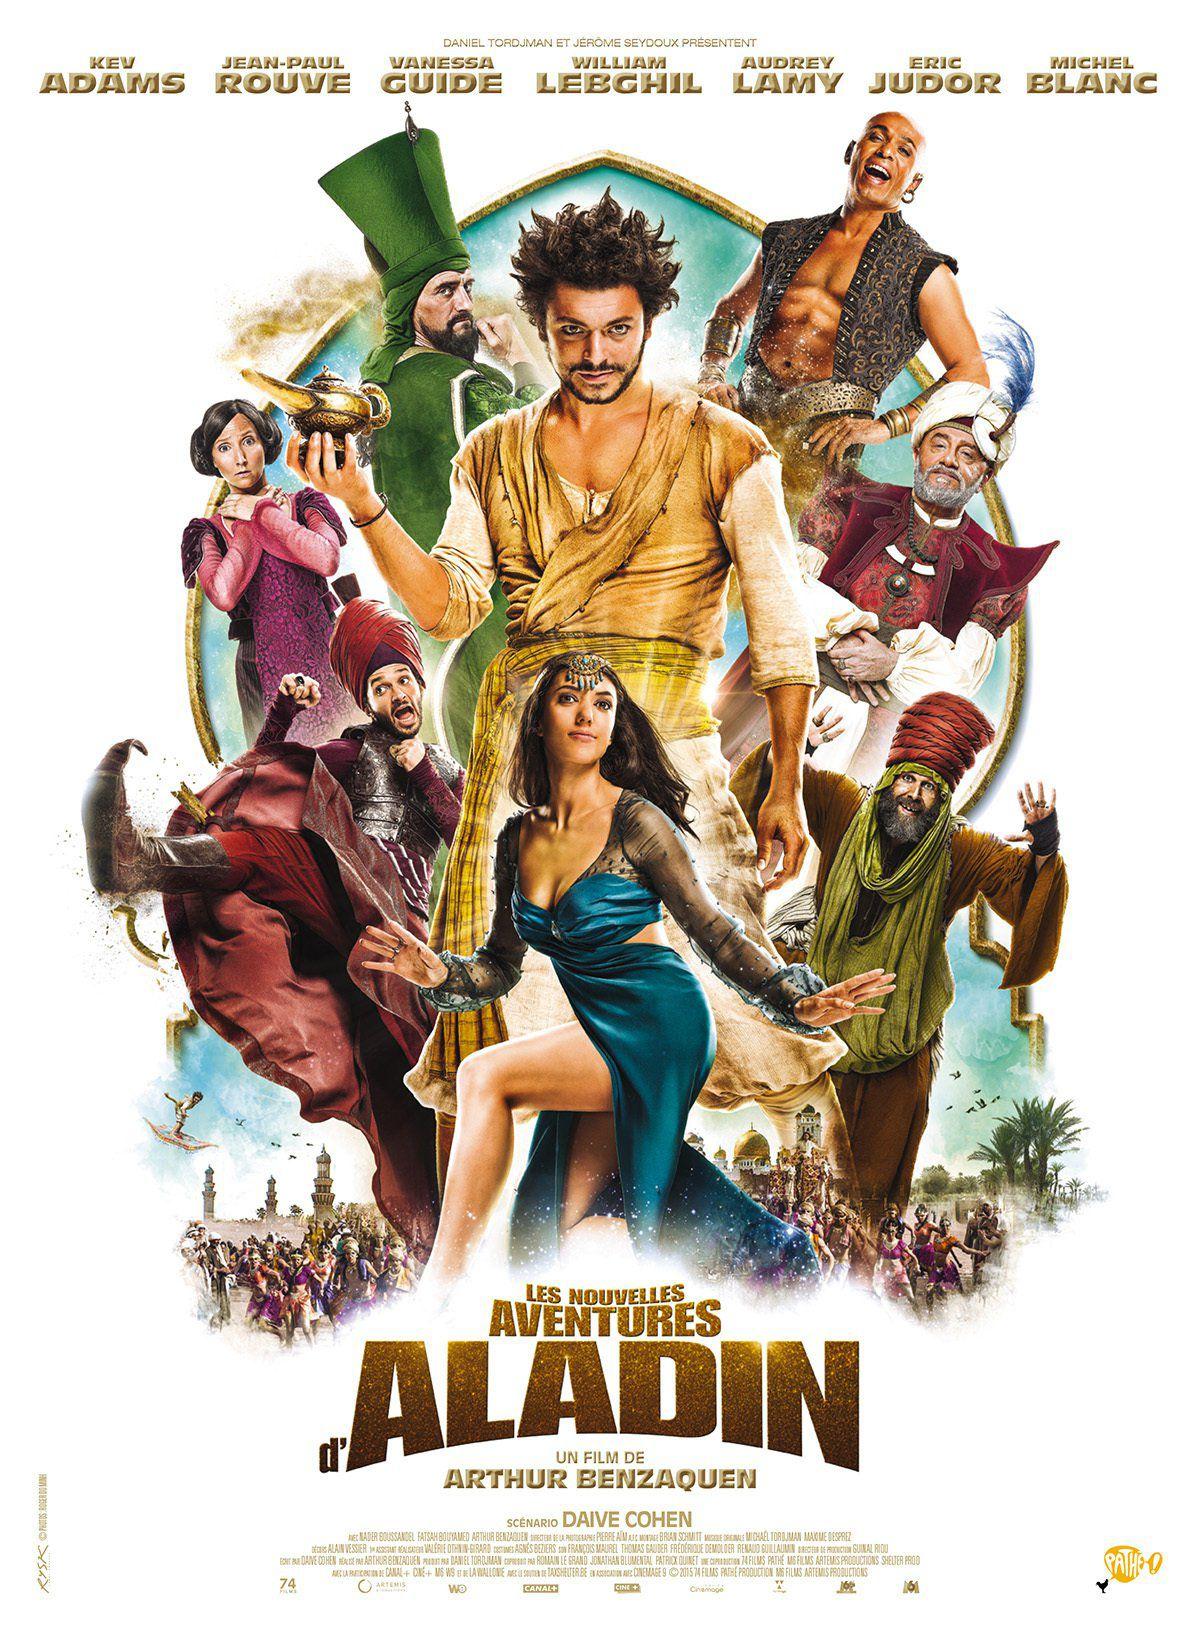 Les Nouvelles Aventures d'Aladin - Film (2015)